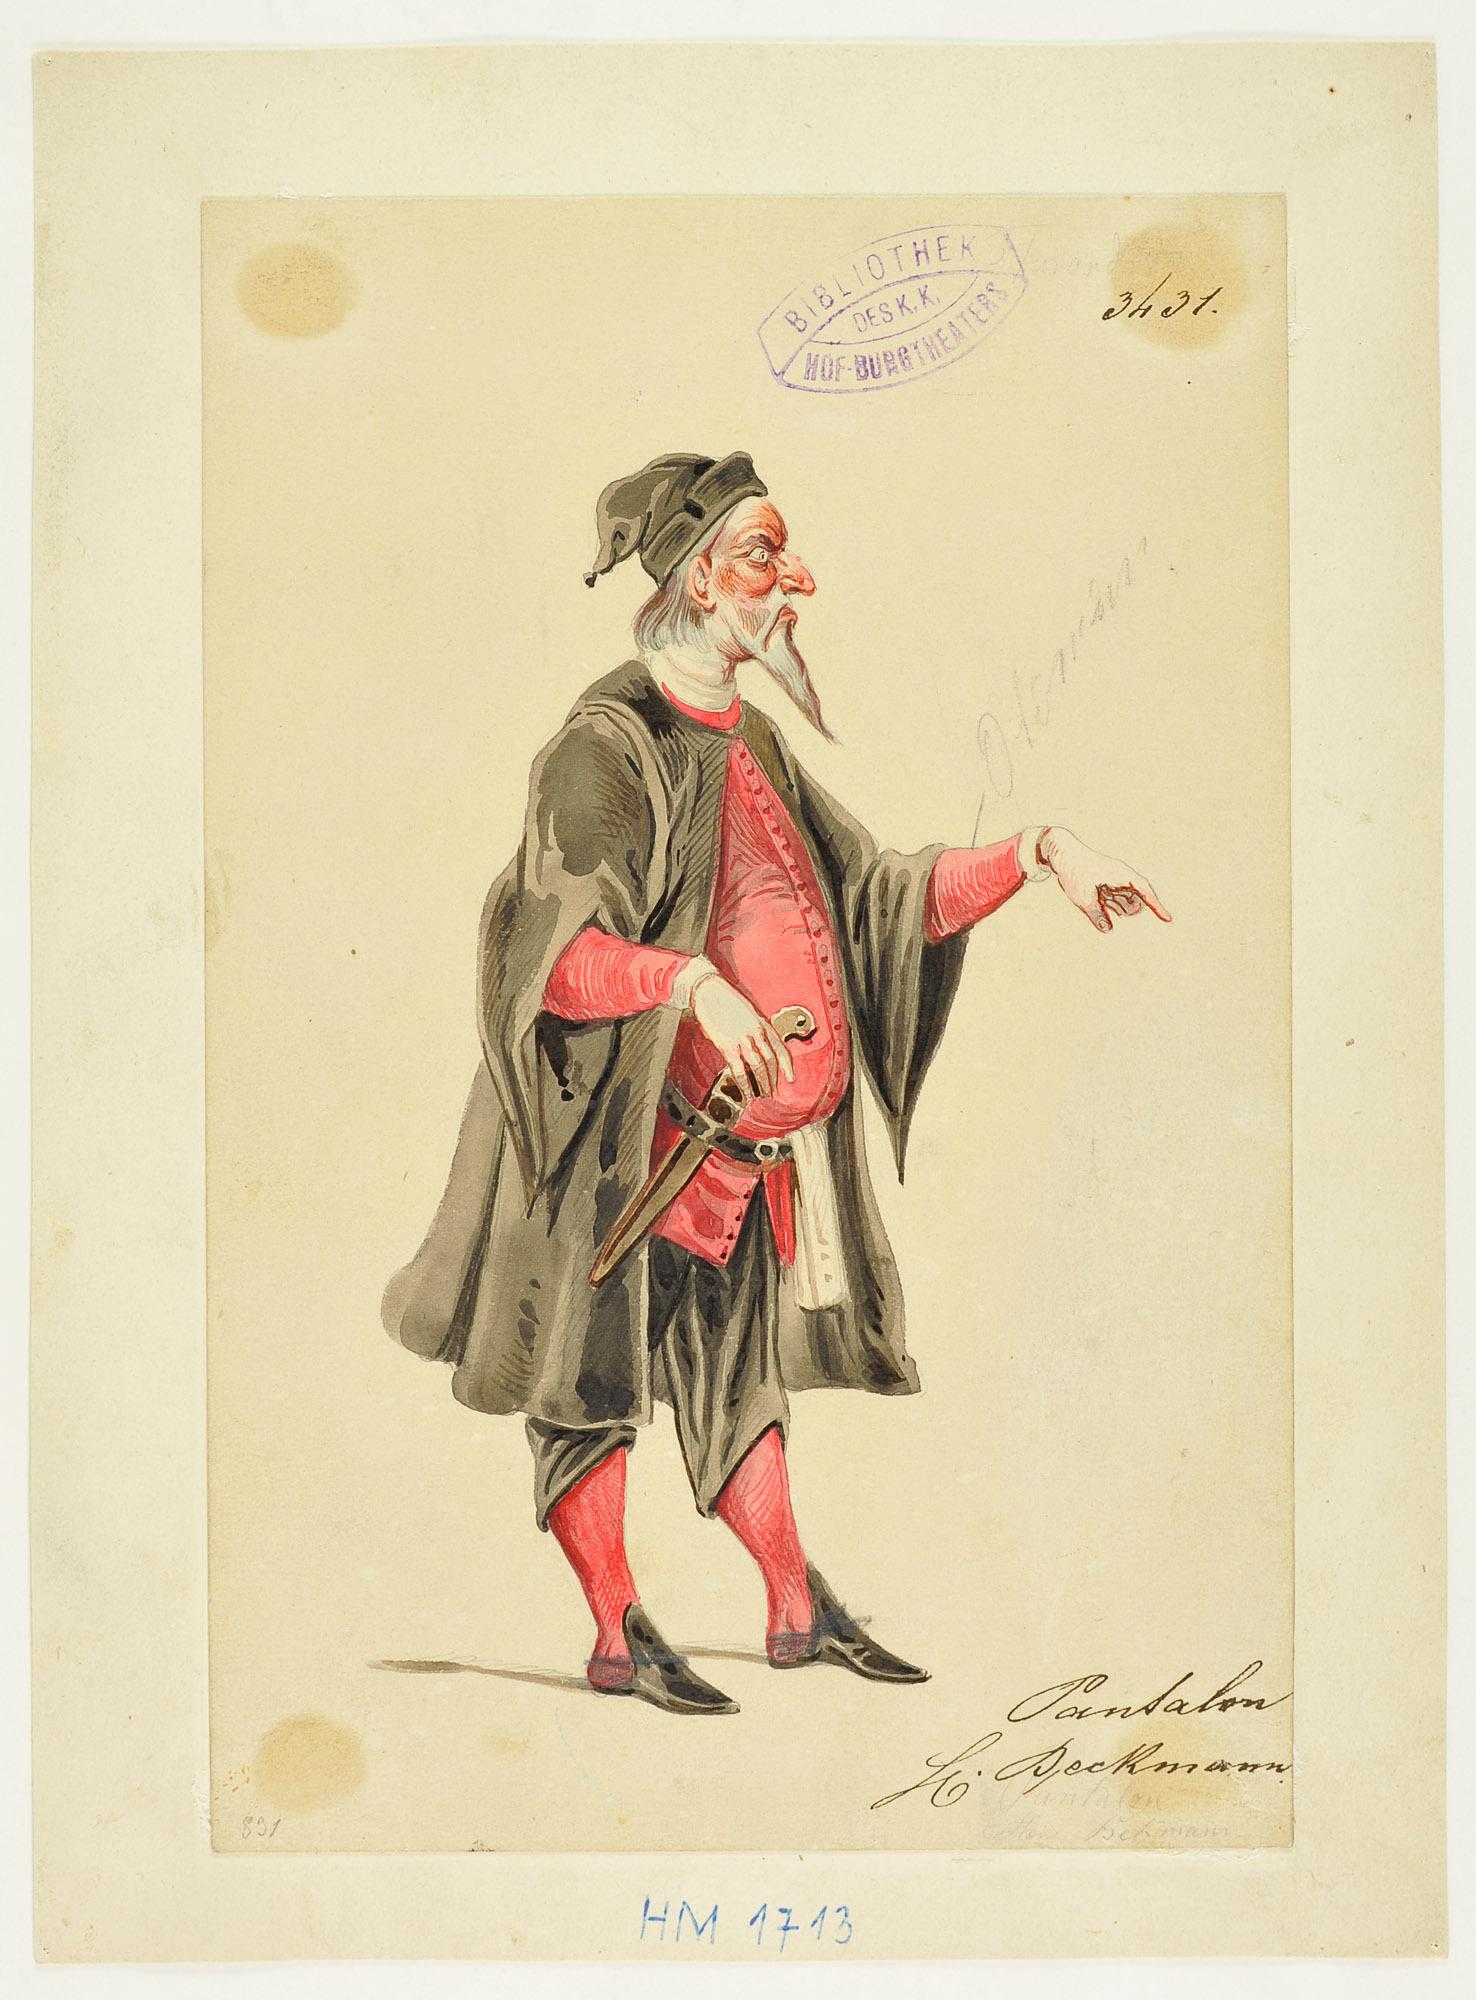 Turandot, Prinzessin von China von Girolamo Franceschini